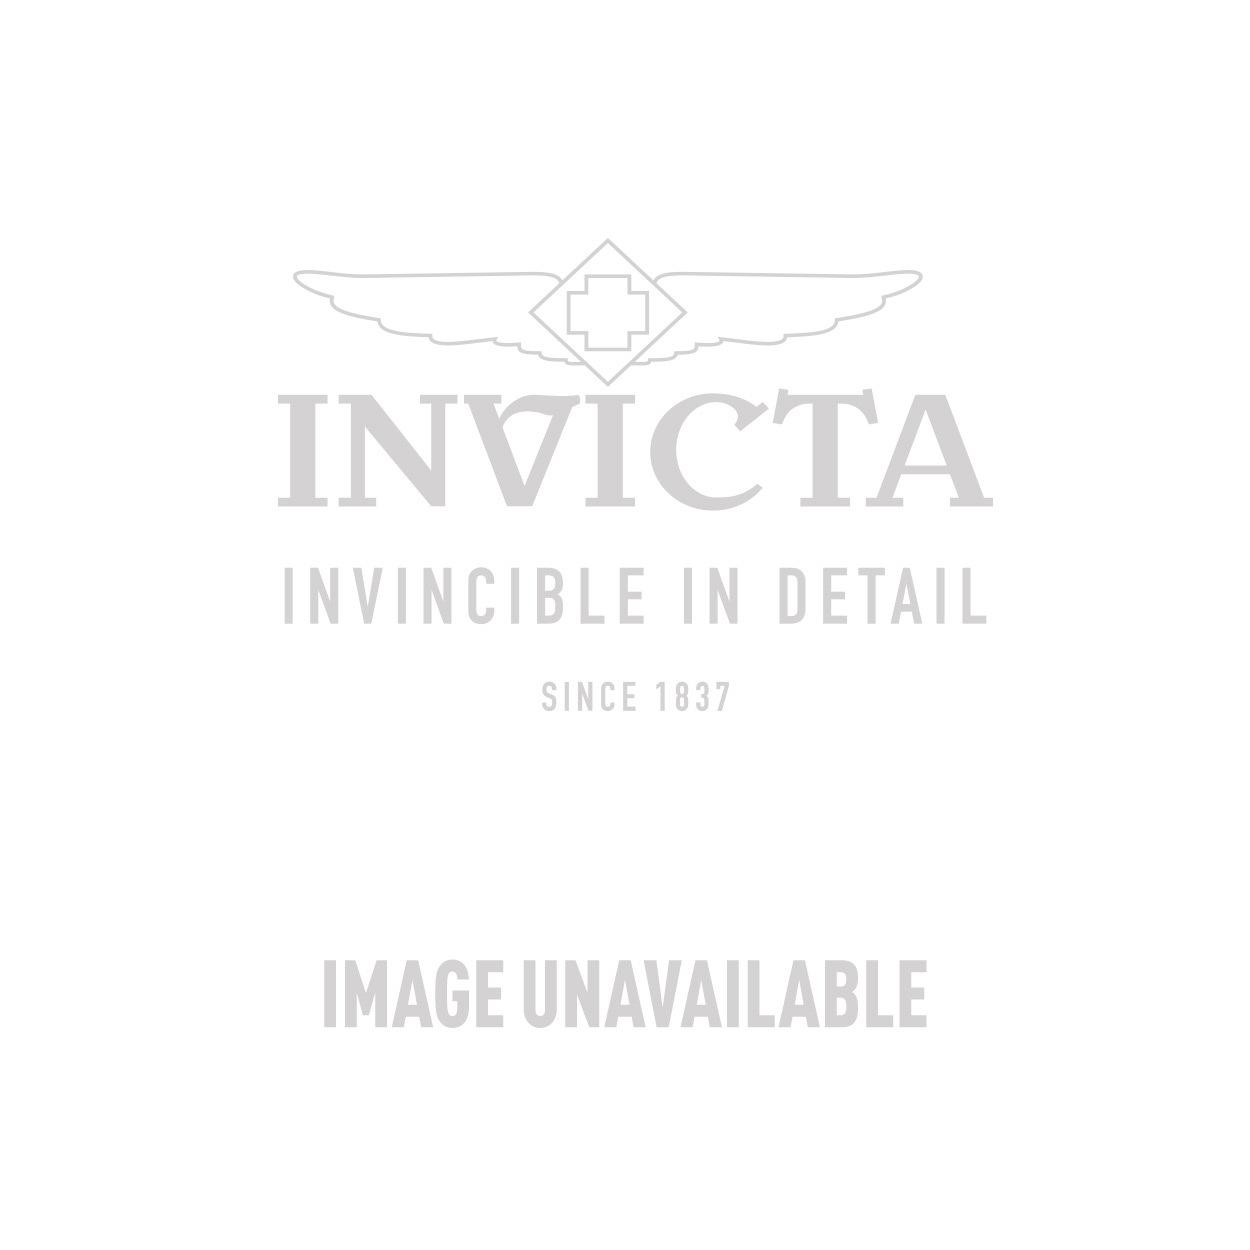 061380d594b Invicta Bolt Mens Quartz 51 mm Black Case Black Dial - Model 26996